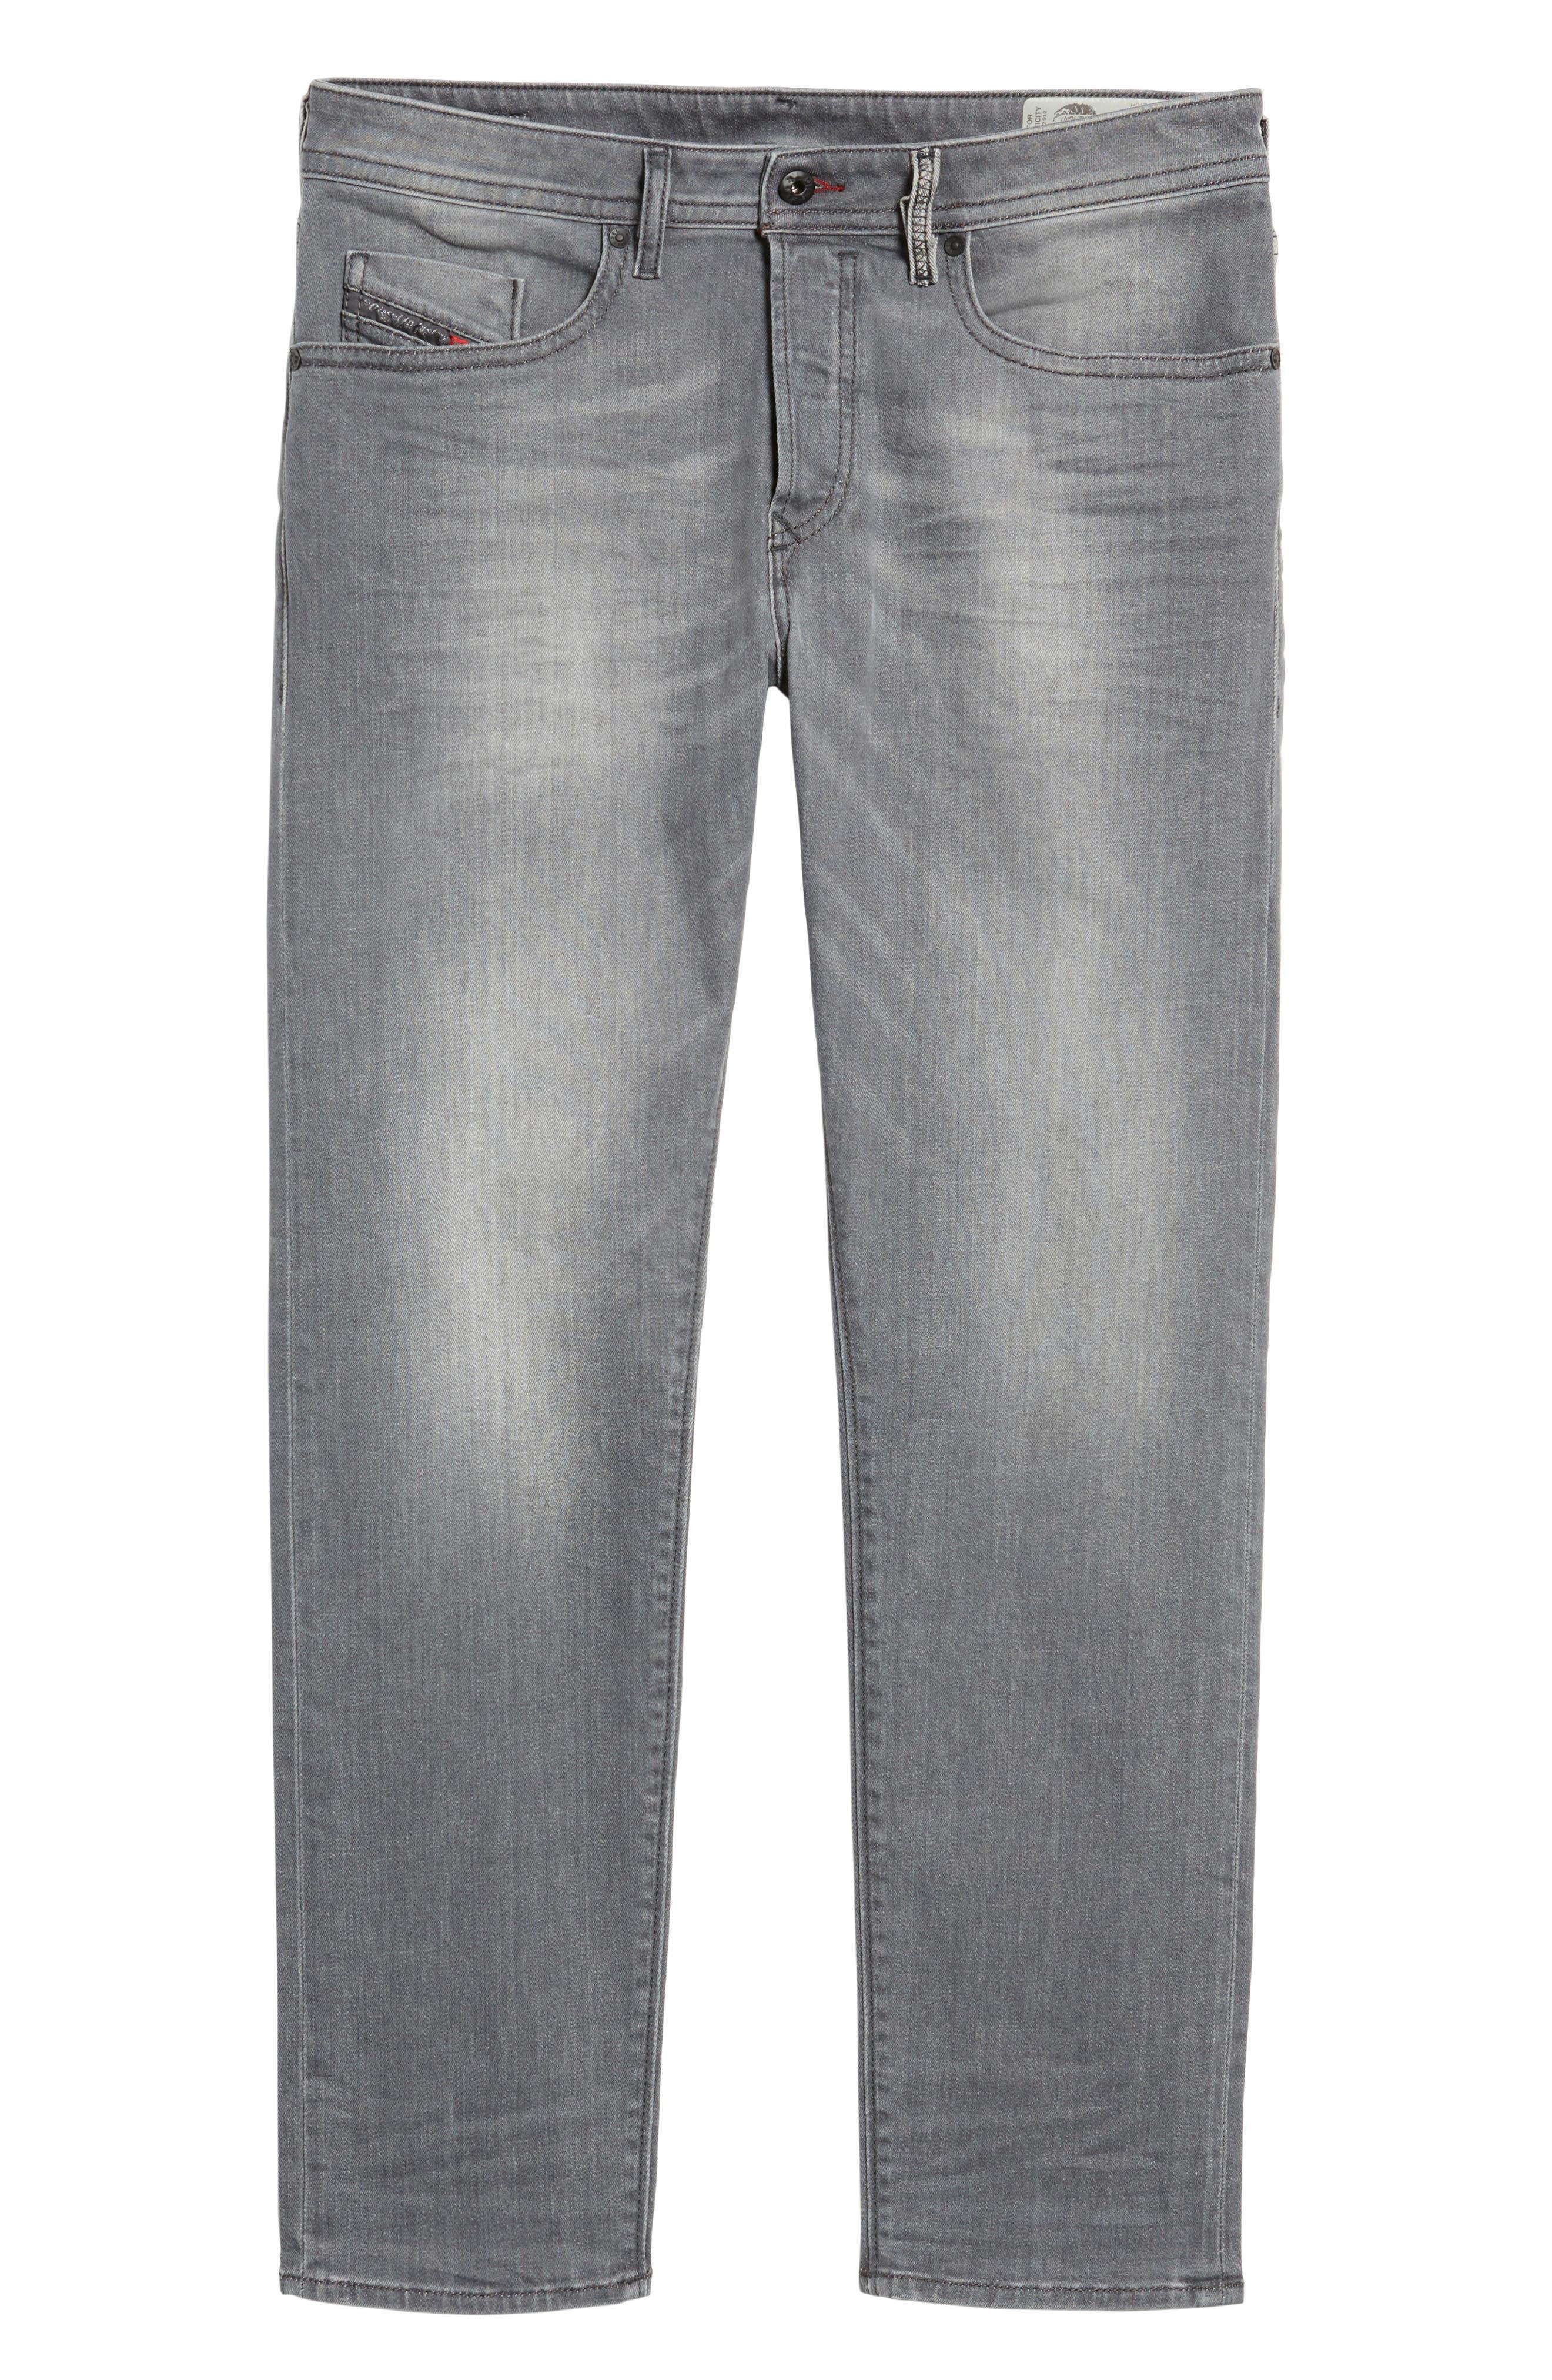 Buster Slim Straight Leg Jeans,                             Alternate thumbnail 6, color,                             020